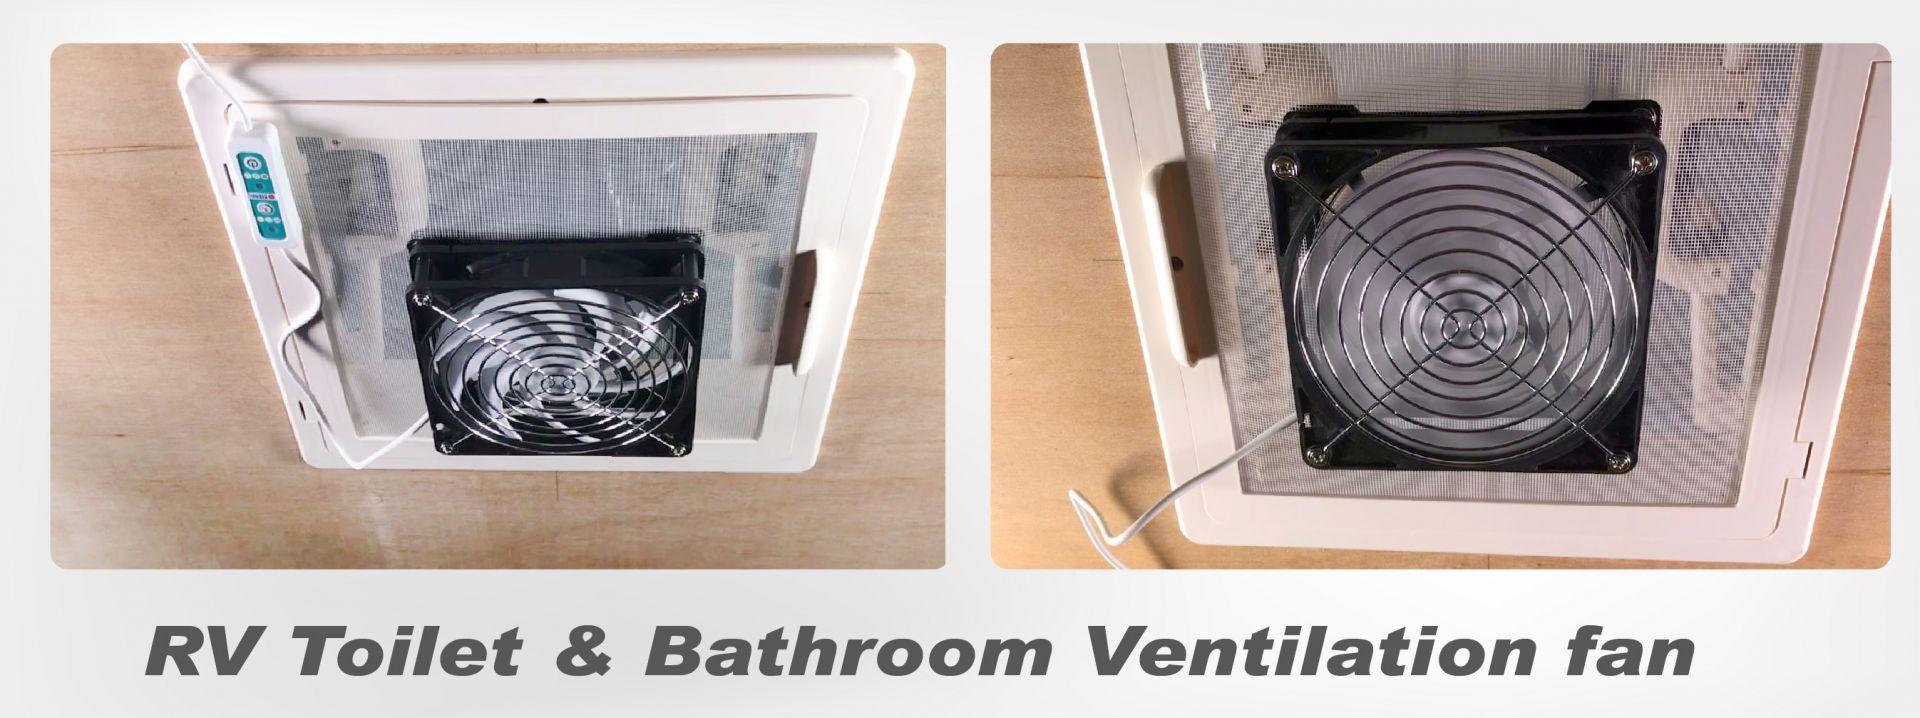 トイレの屋上ウィンドウスクリーンとウィンドウフィルターに取り付ける2つの金属フレーム